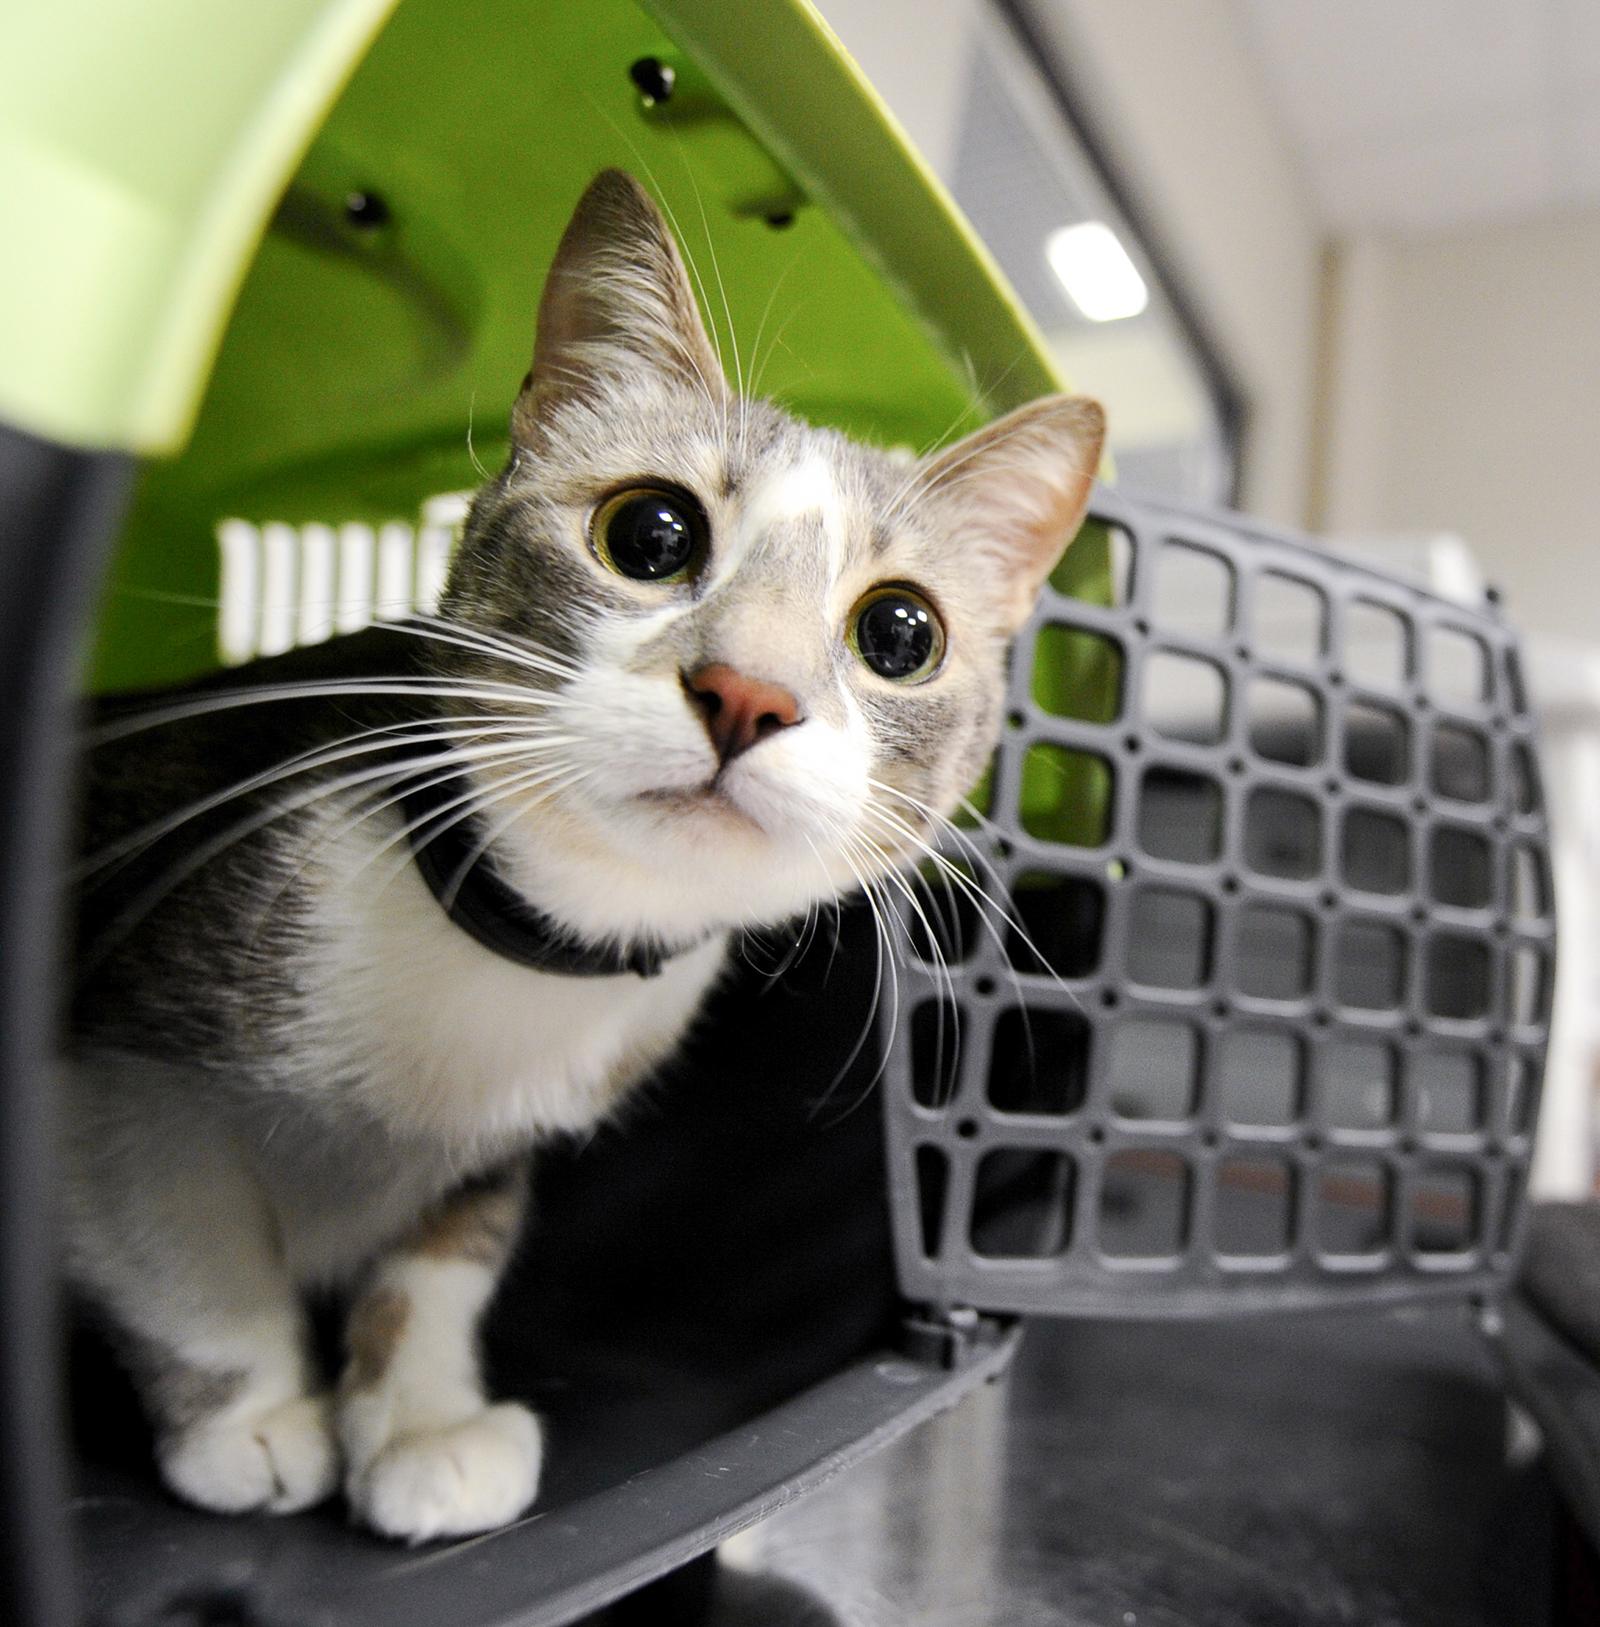 Сергей Собянин рассказал о развитии городских сервисов для владельцев домашних животных